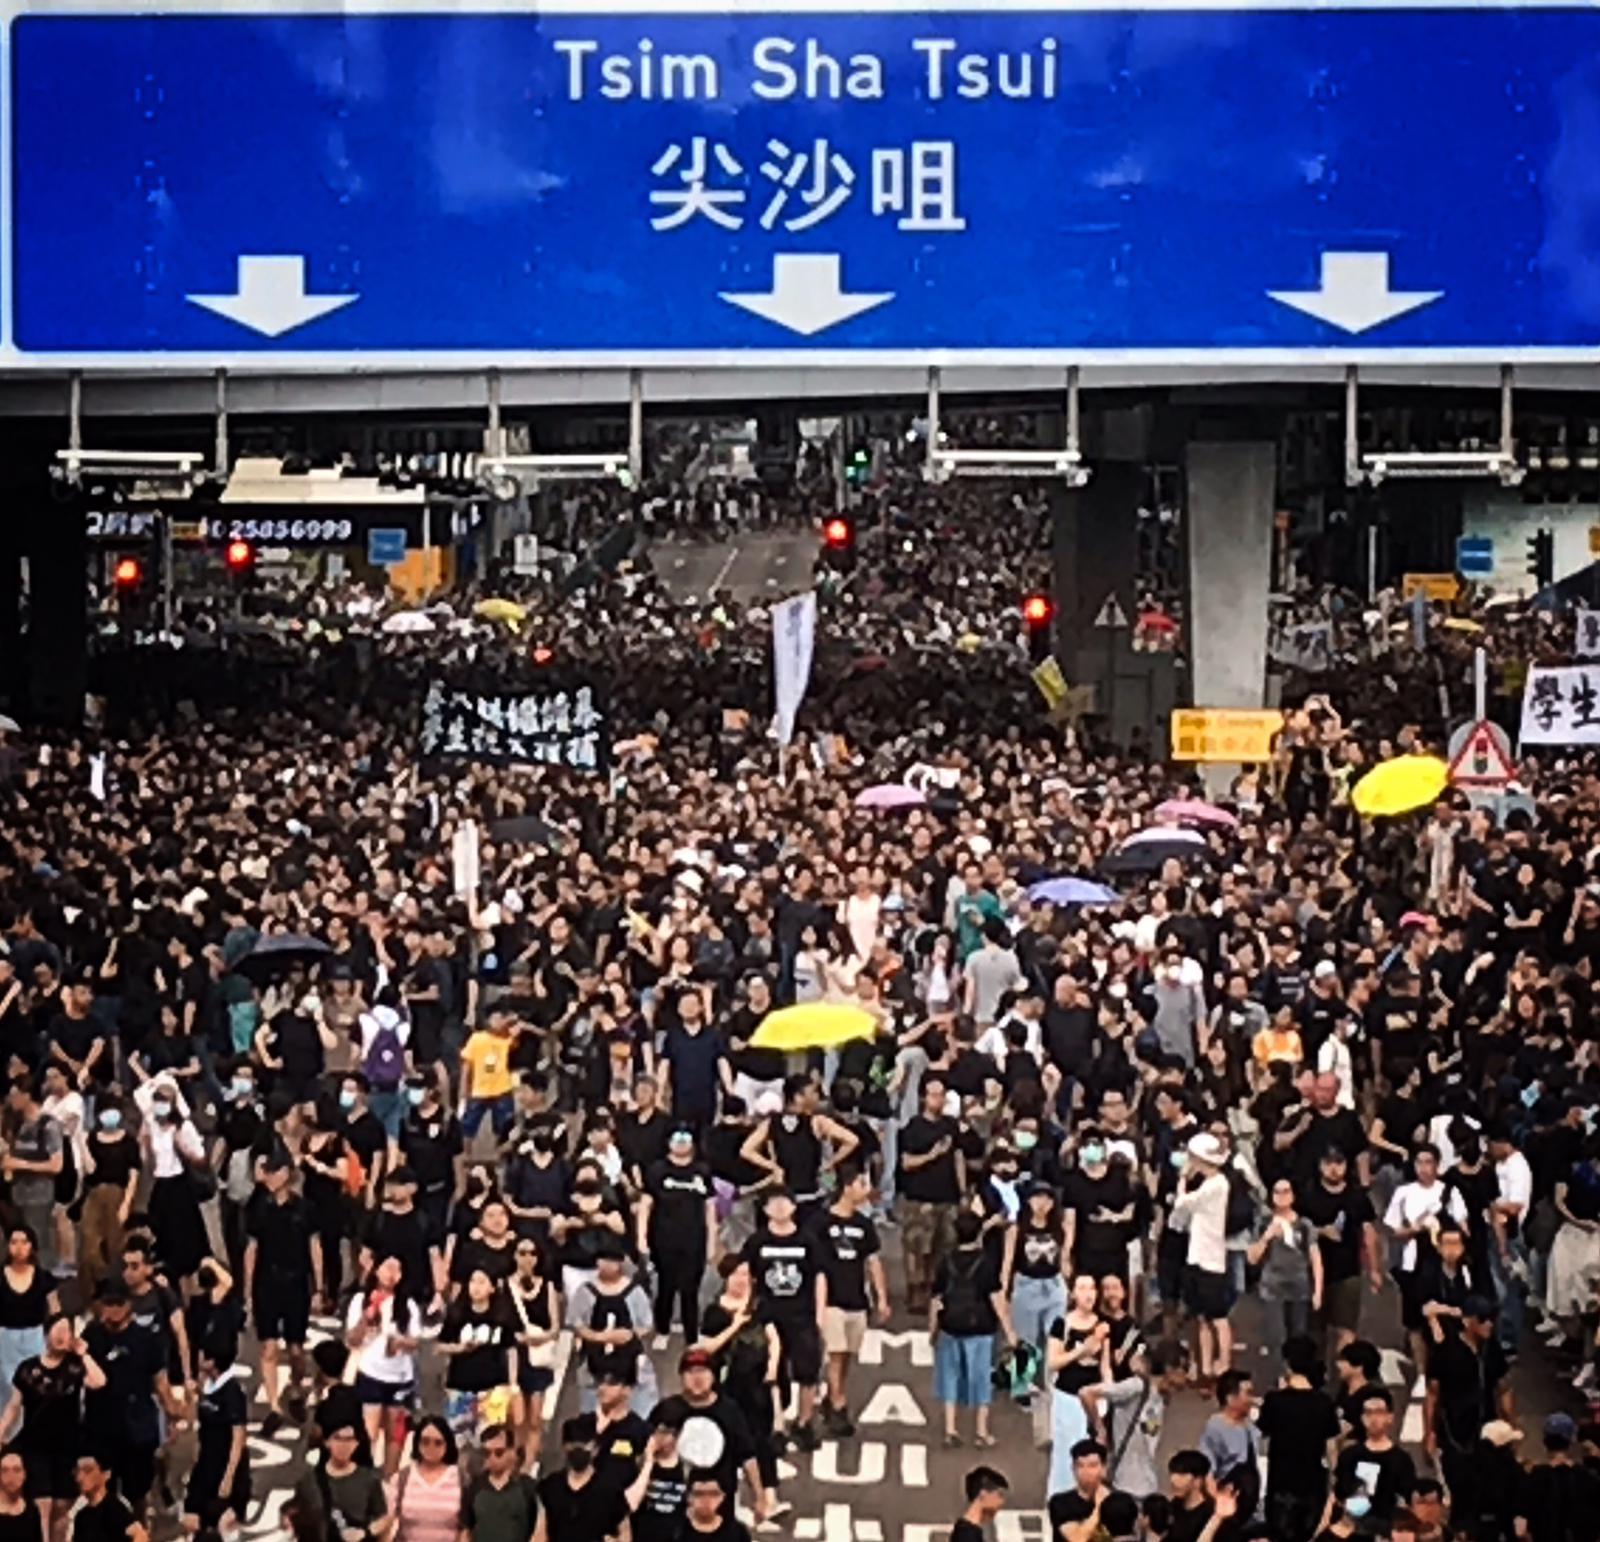 香港尖沙咀デモ隊の写真